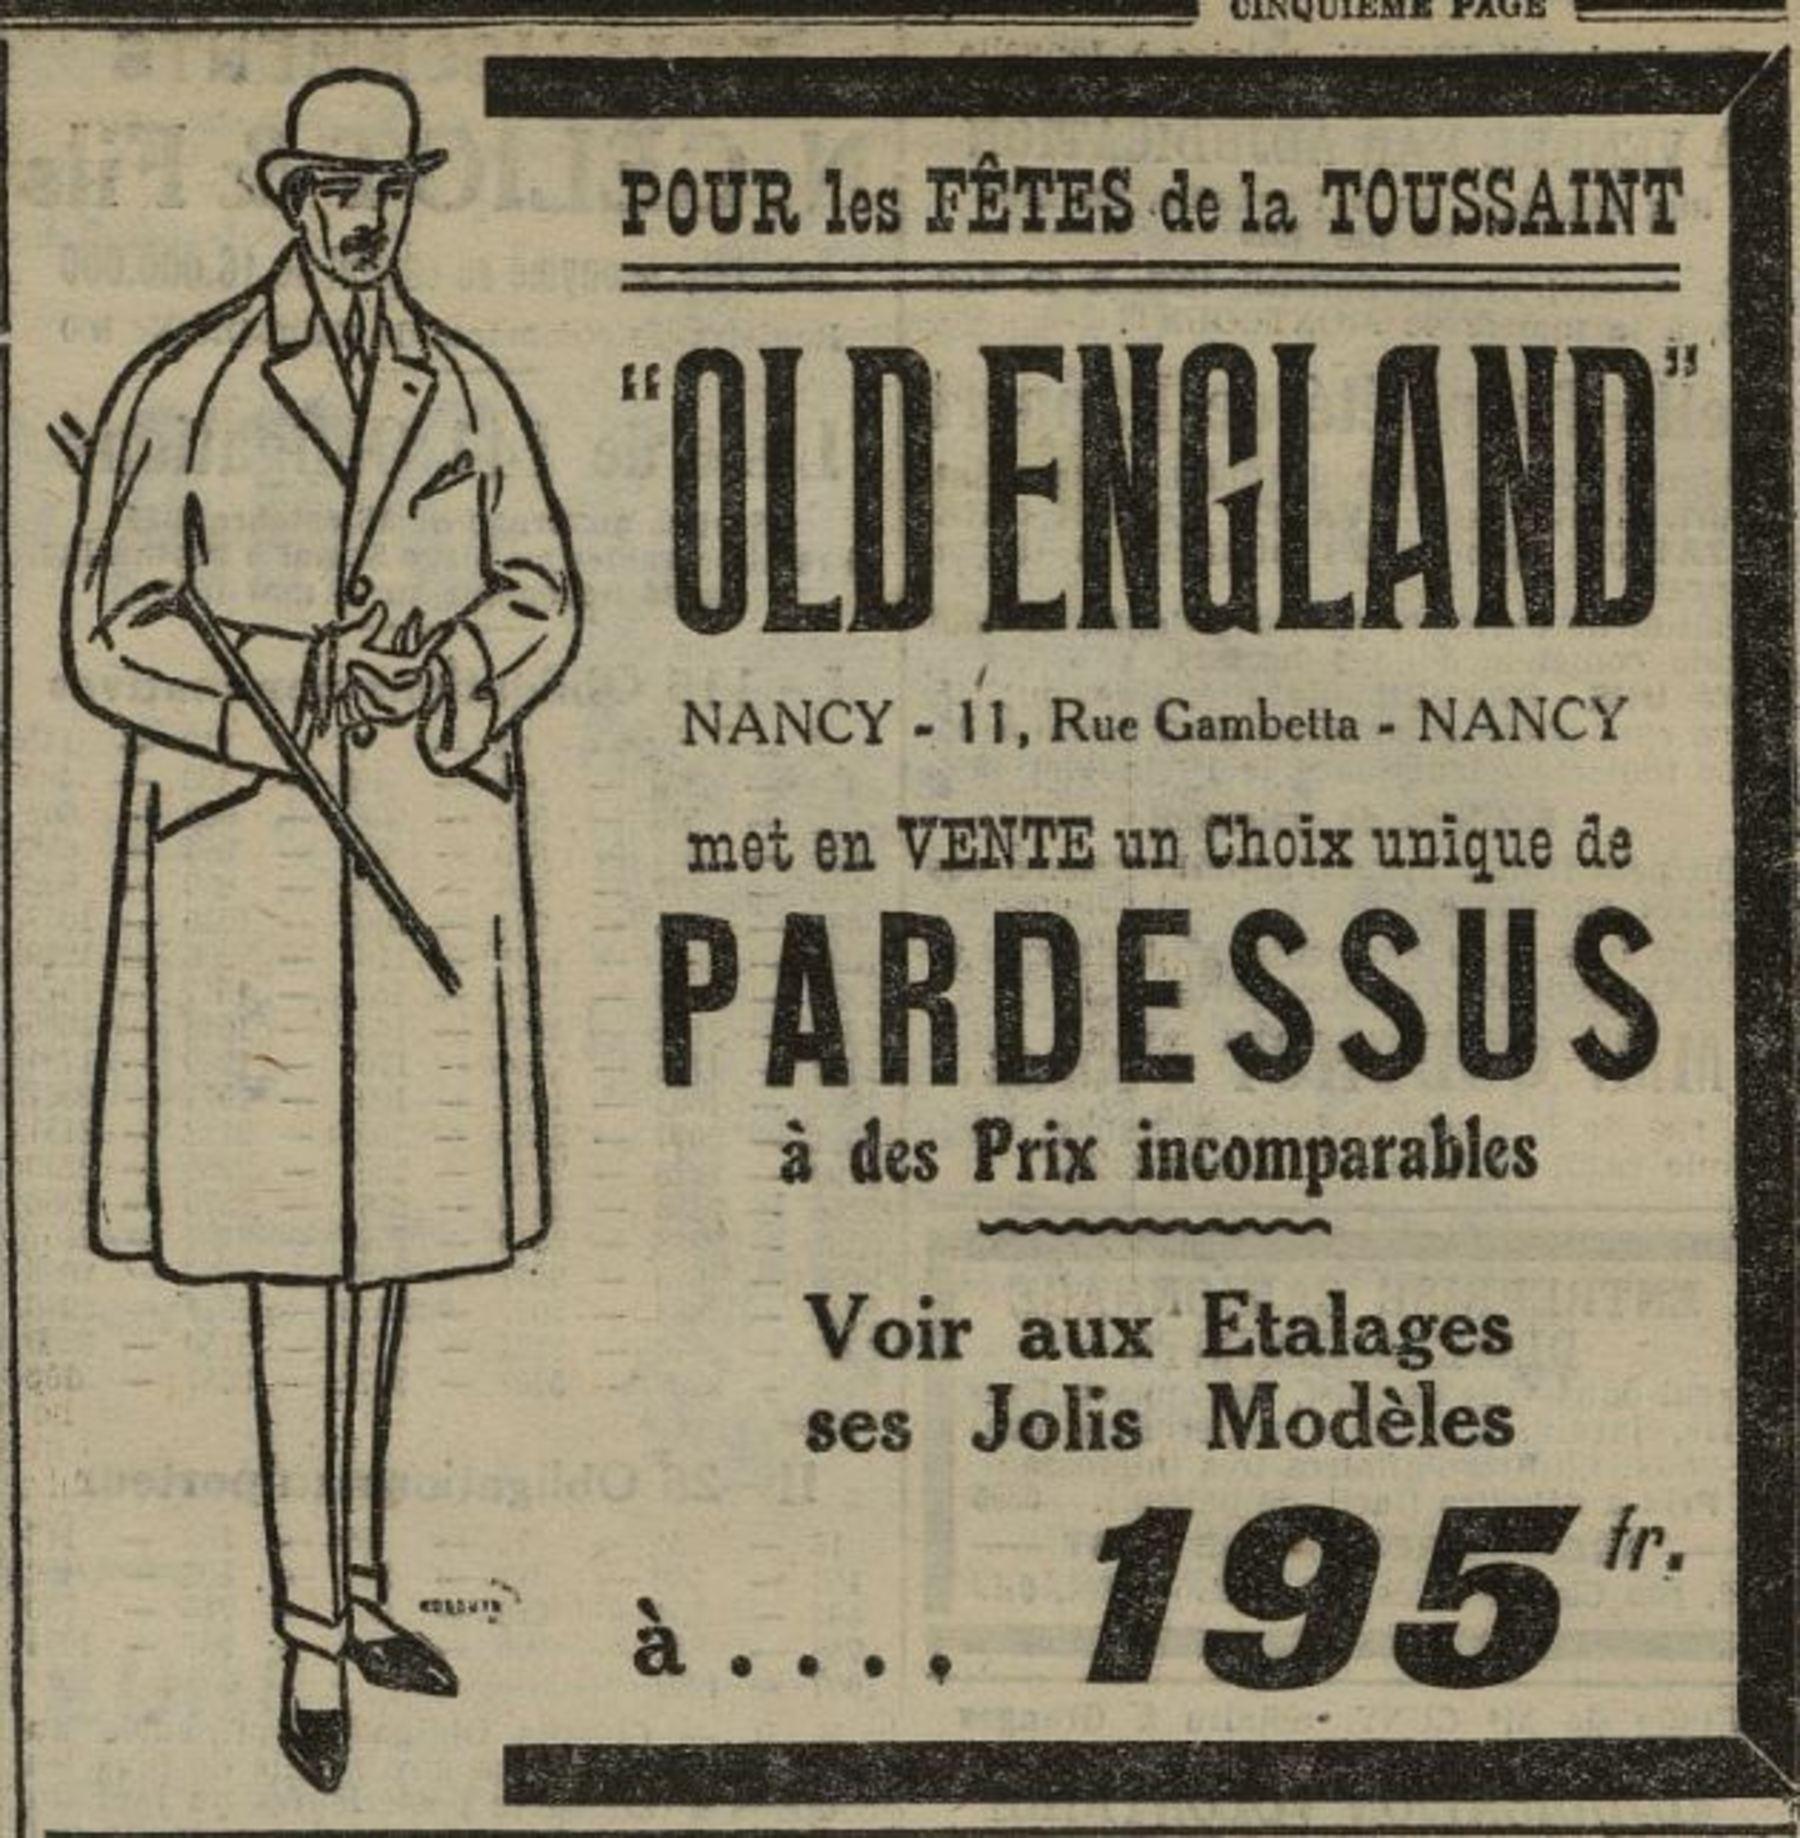 Contenu du Pardessus Old England